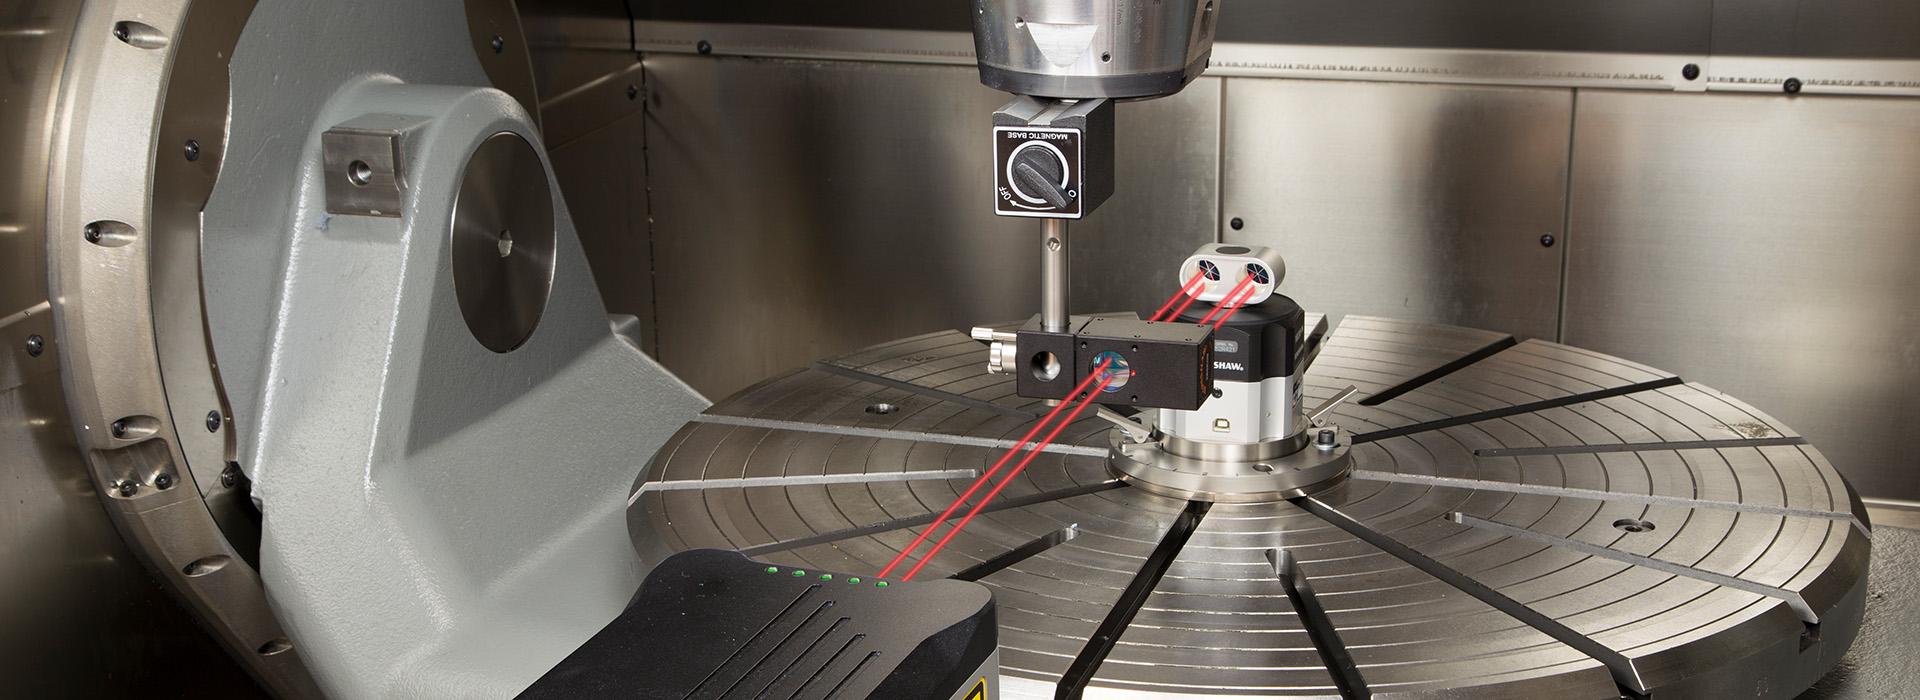 Roter Laserstrahl beim Vermessen einer Maschine